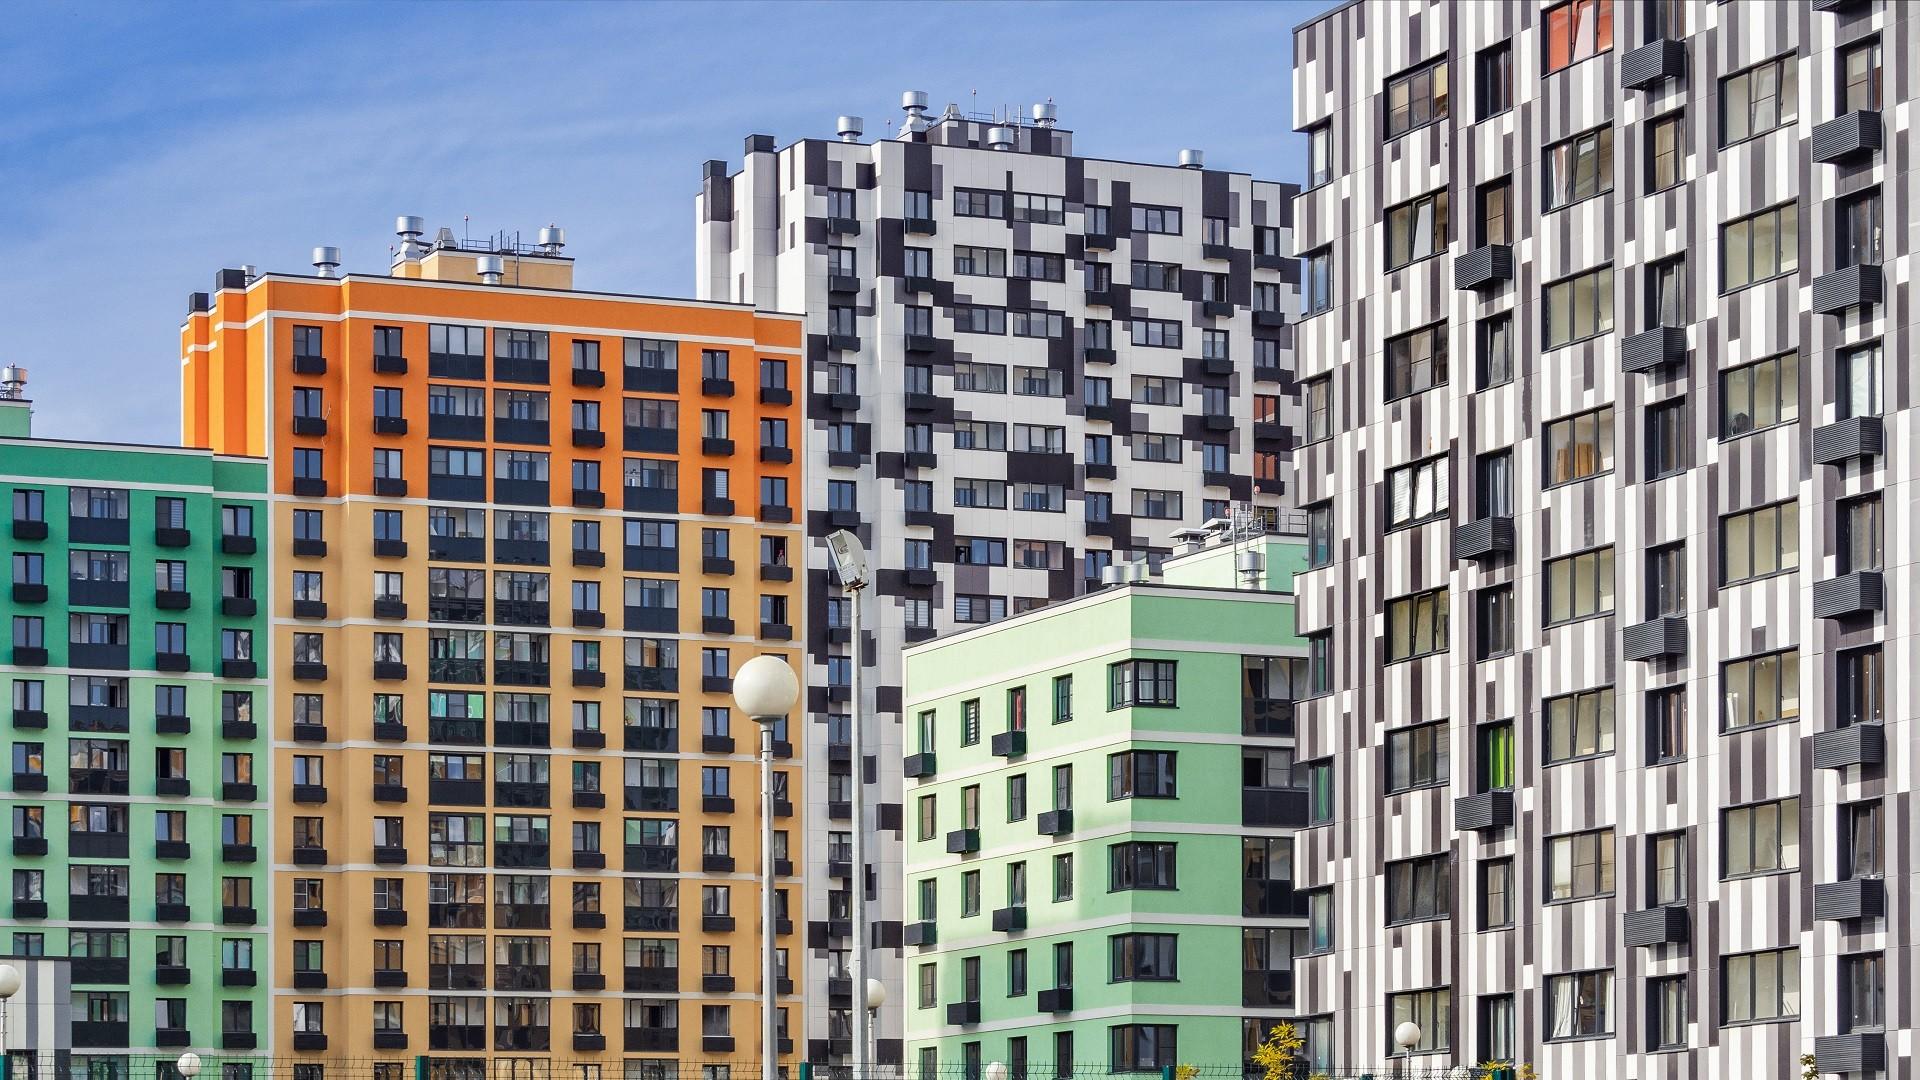 Immeubles dans la banlieue de Moscou